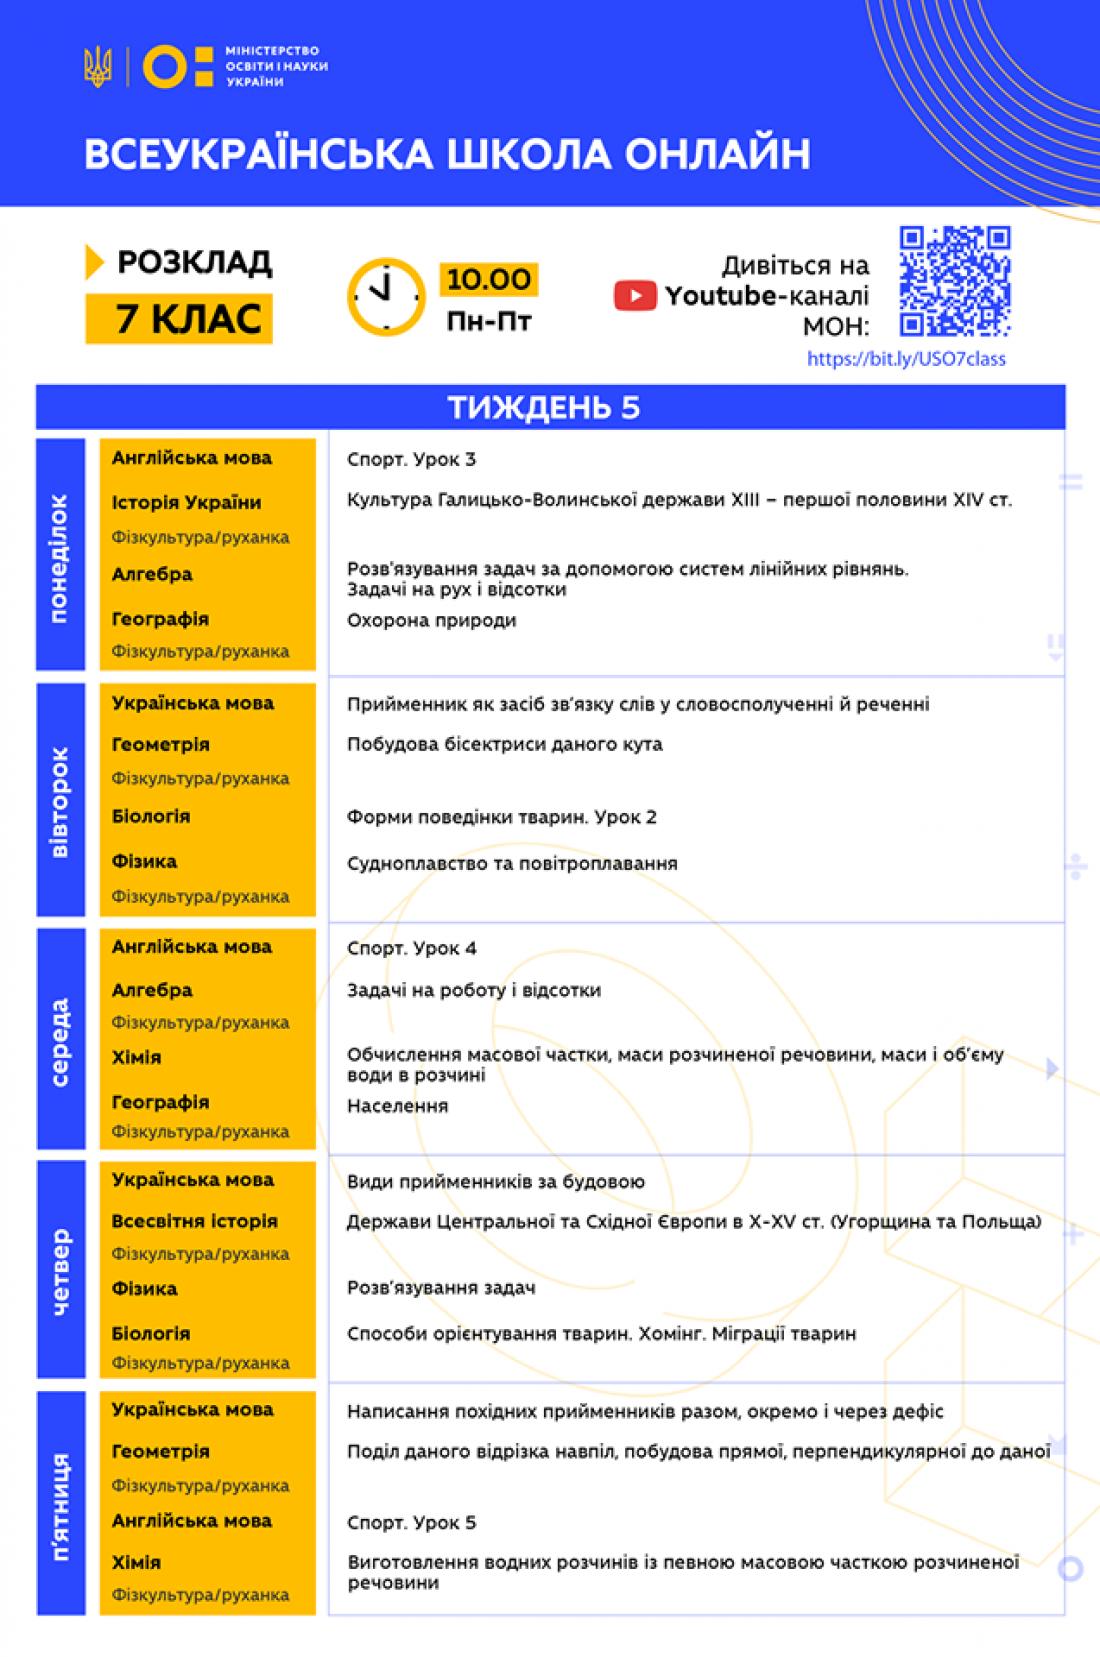 Всеукраинская школа онлайн: Расписание уроков на 4-8 мая